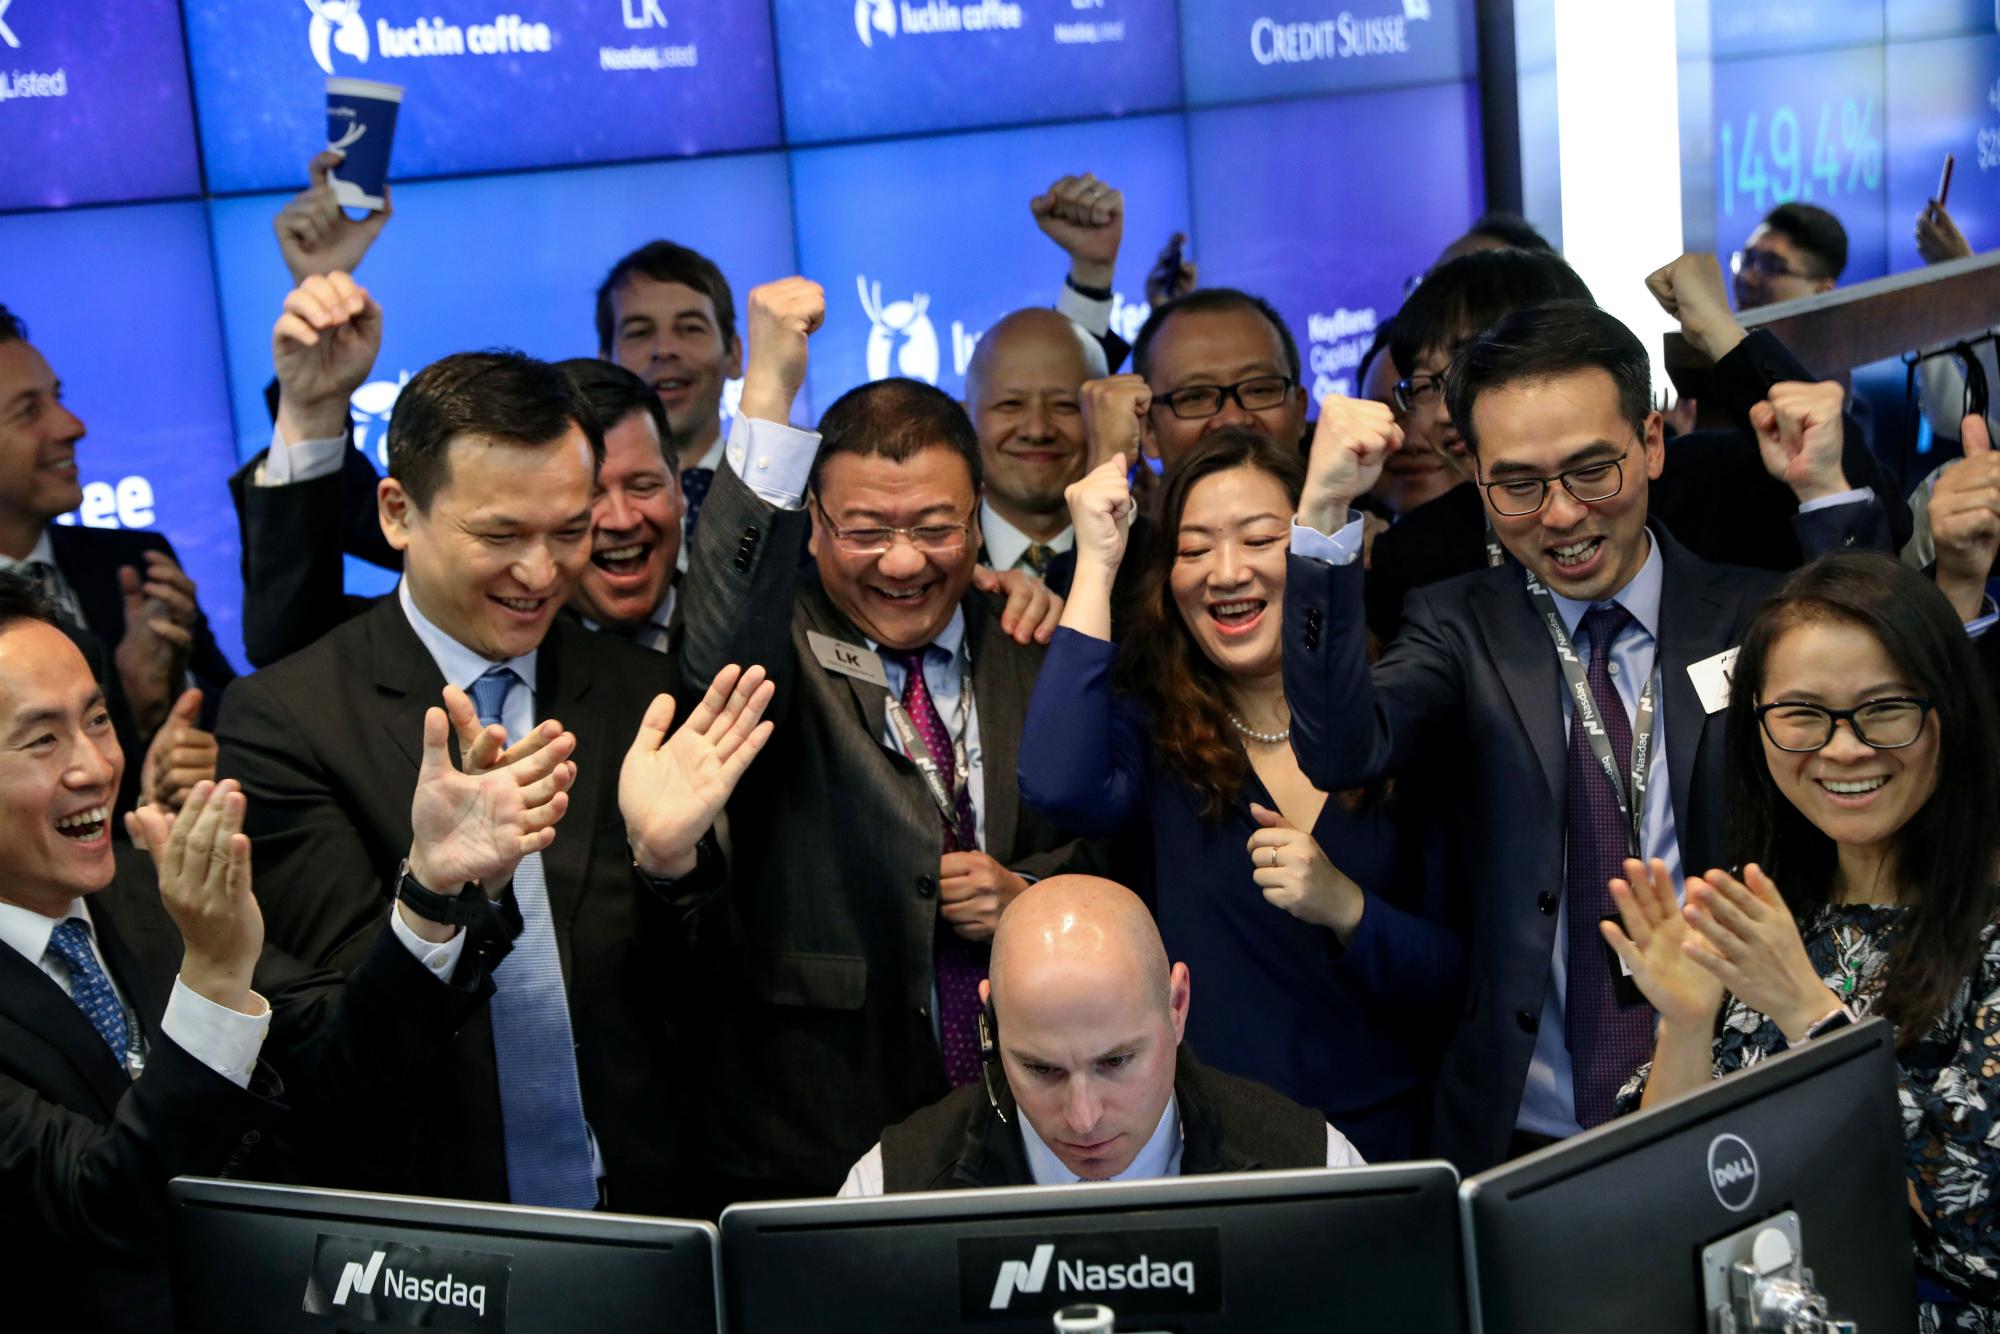 grupo-inversores-alrededor-trader